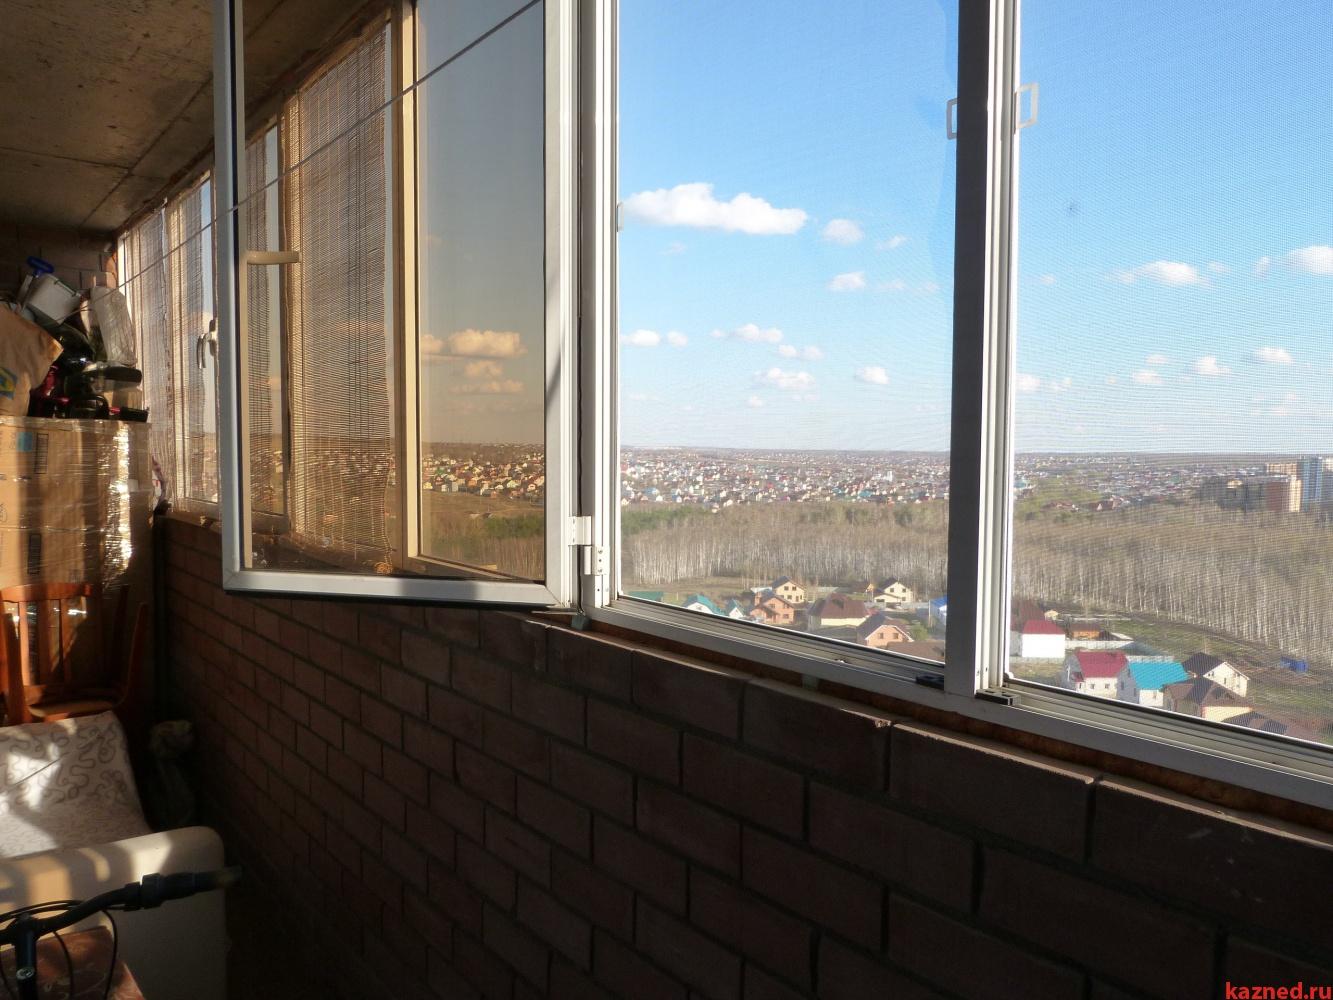 Продажа 1-к квартиры Тыныч д.3, 41 м² (миниатюра №1)